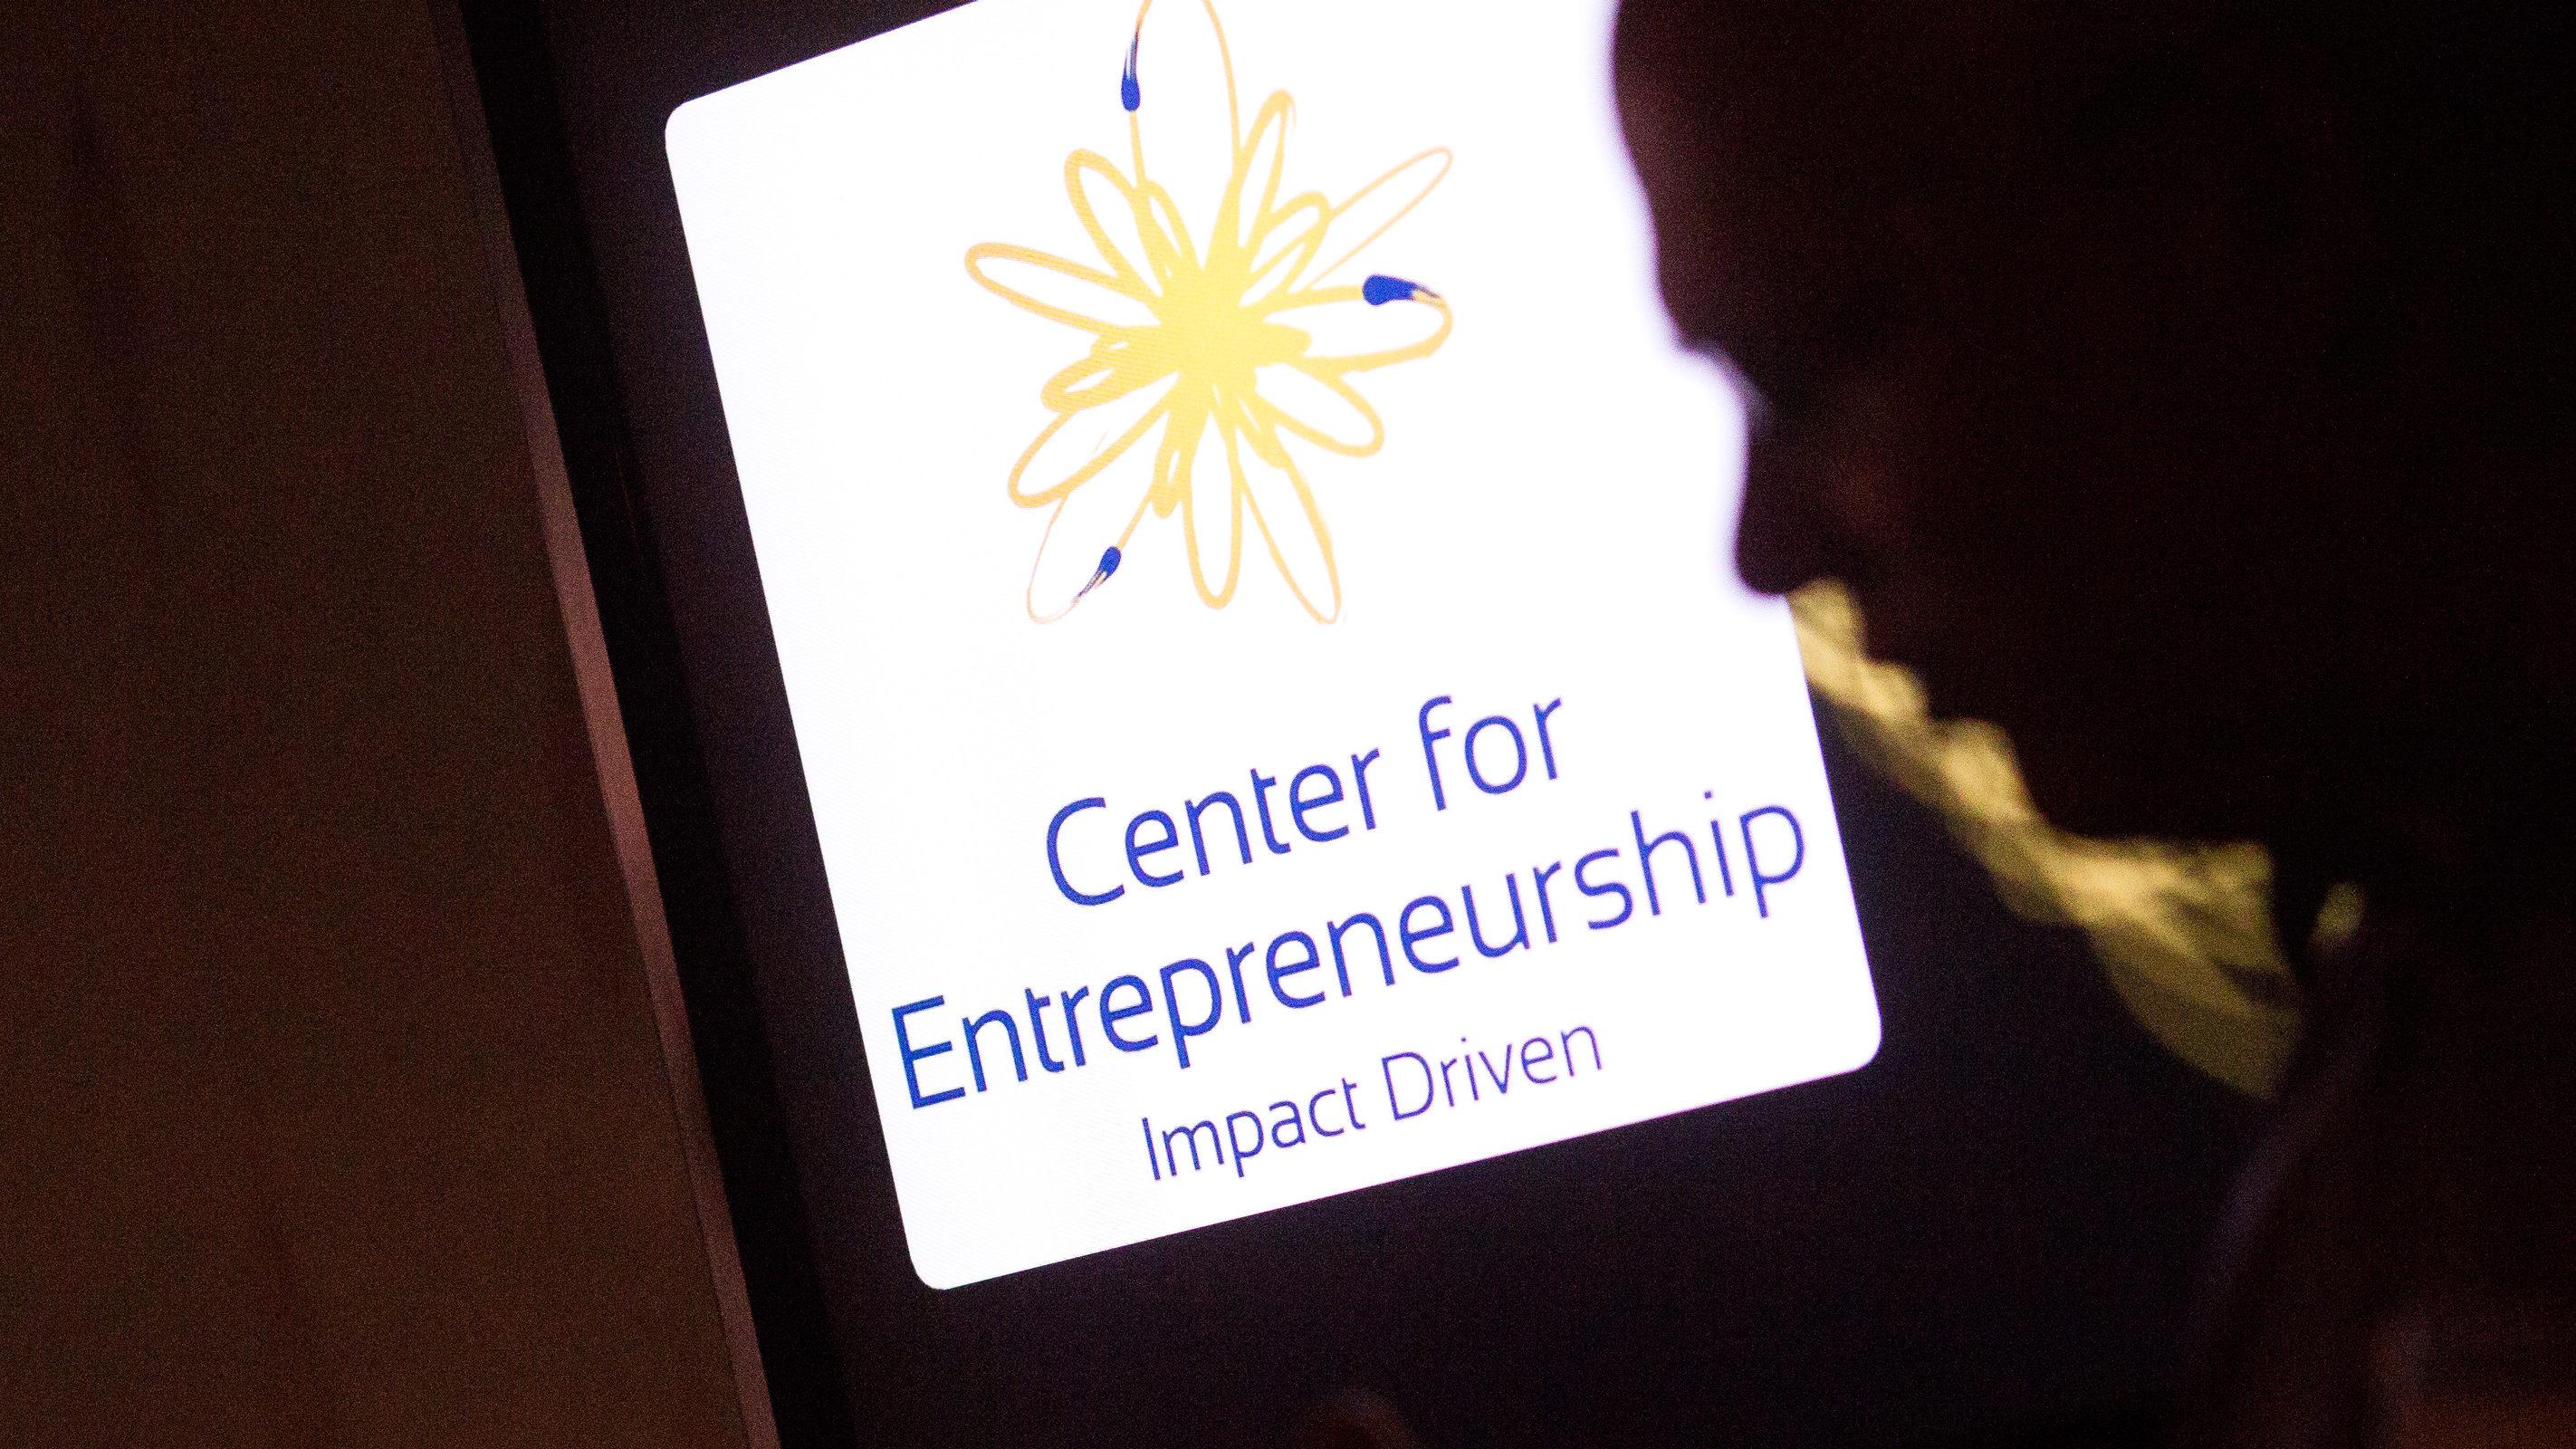 a photo of a face next to a sign for Center for Entrepreneurship